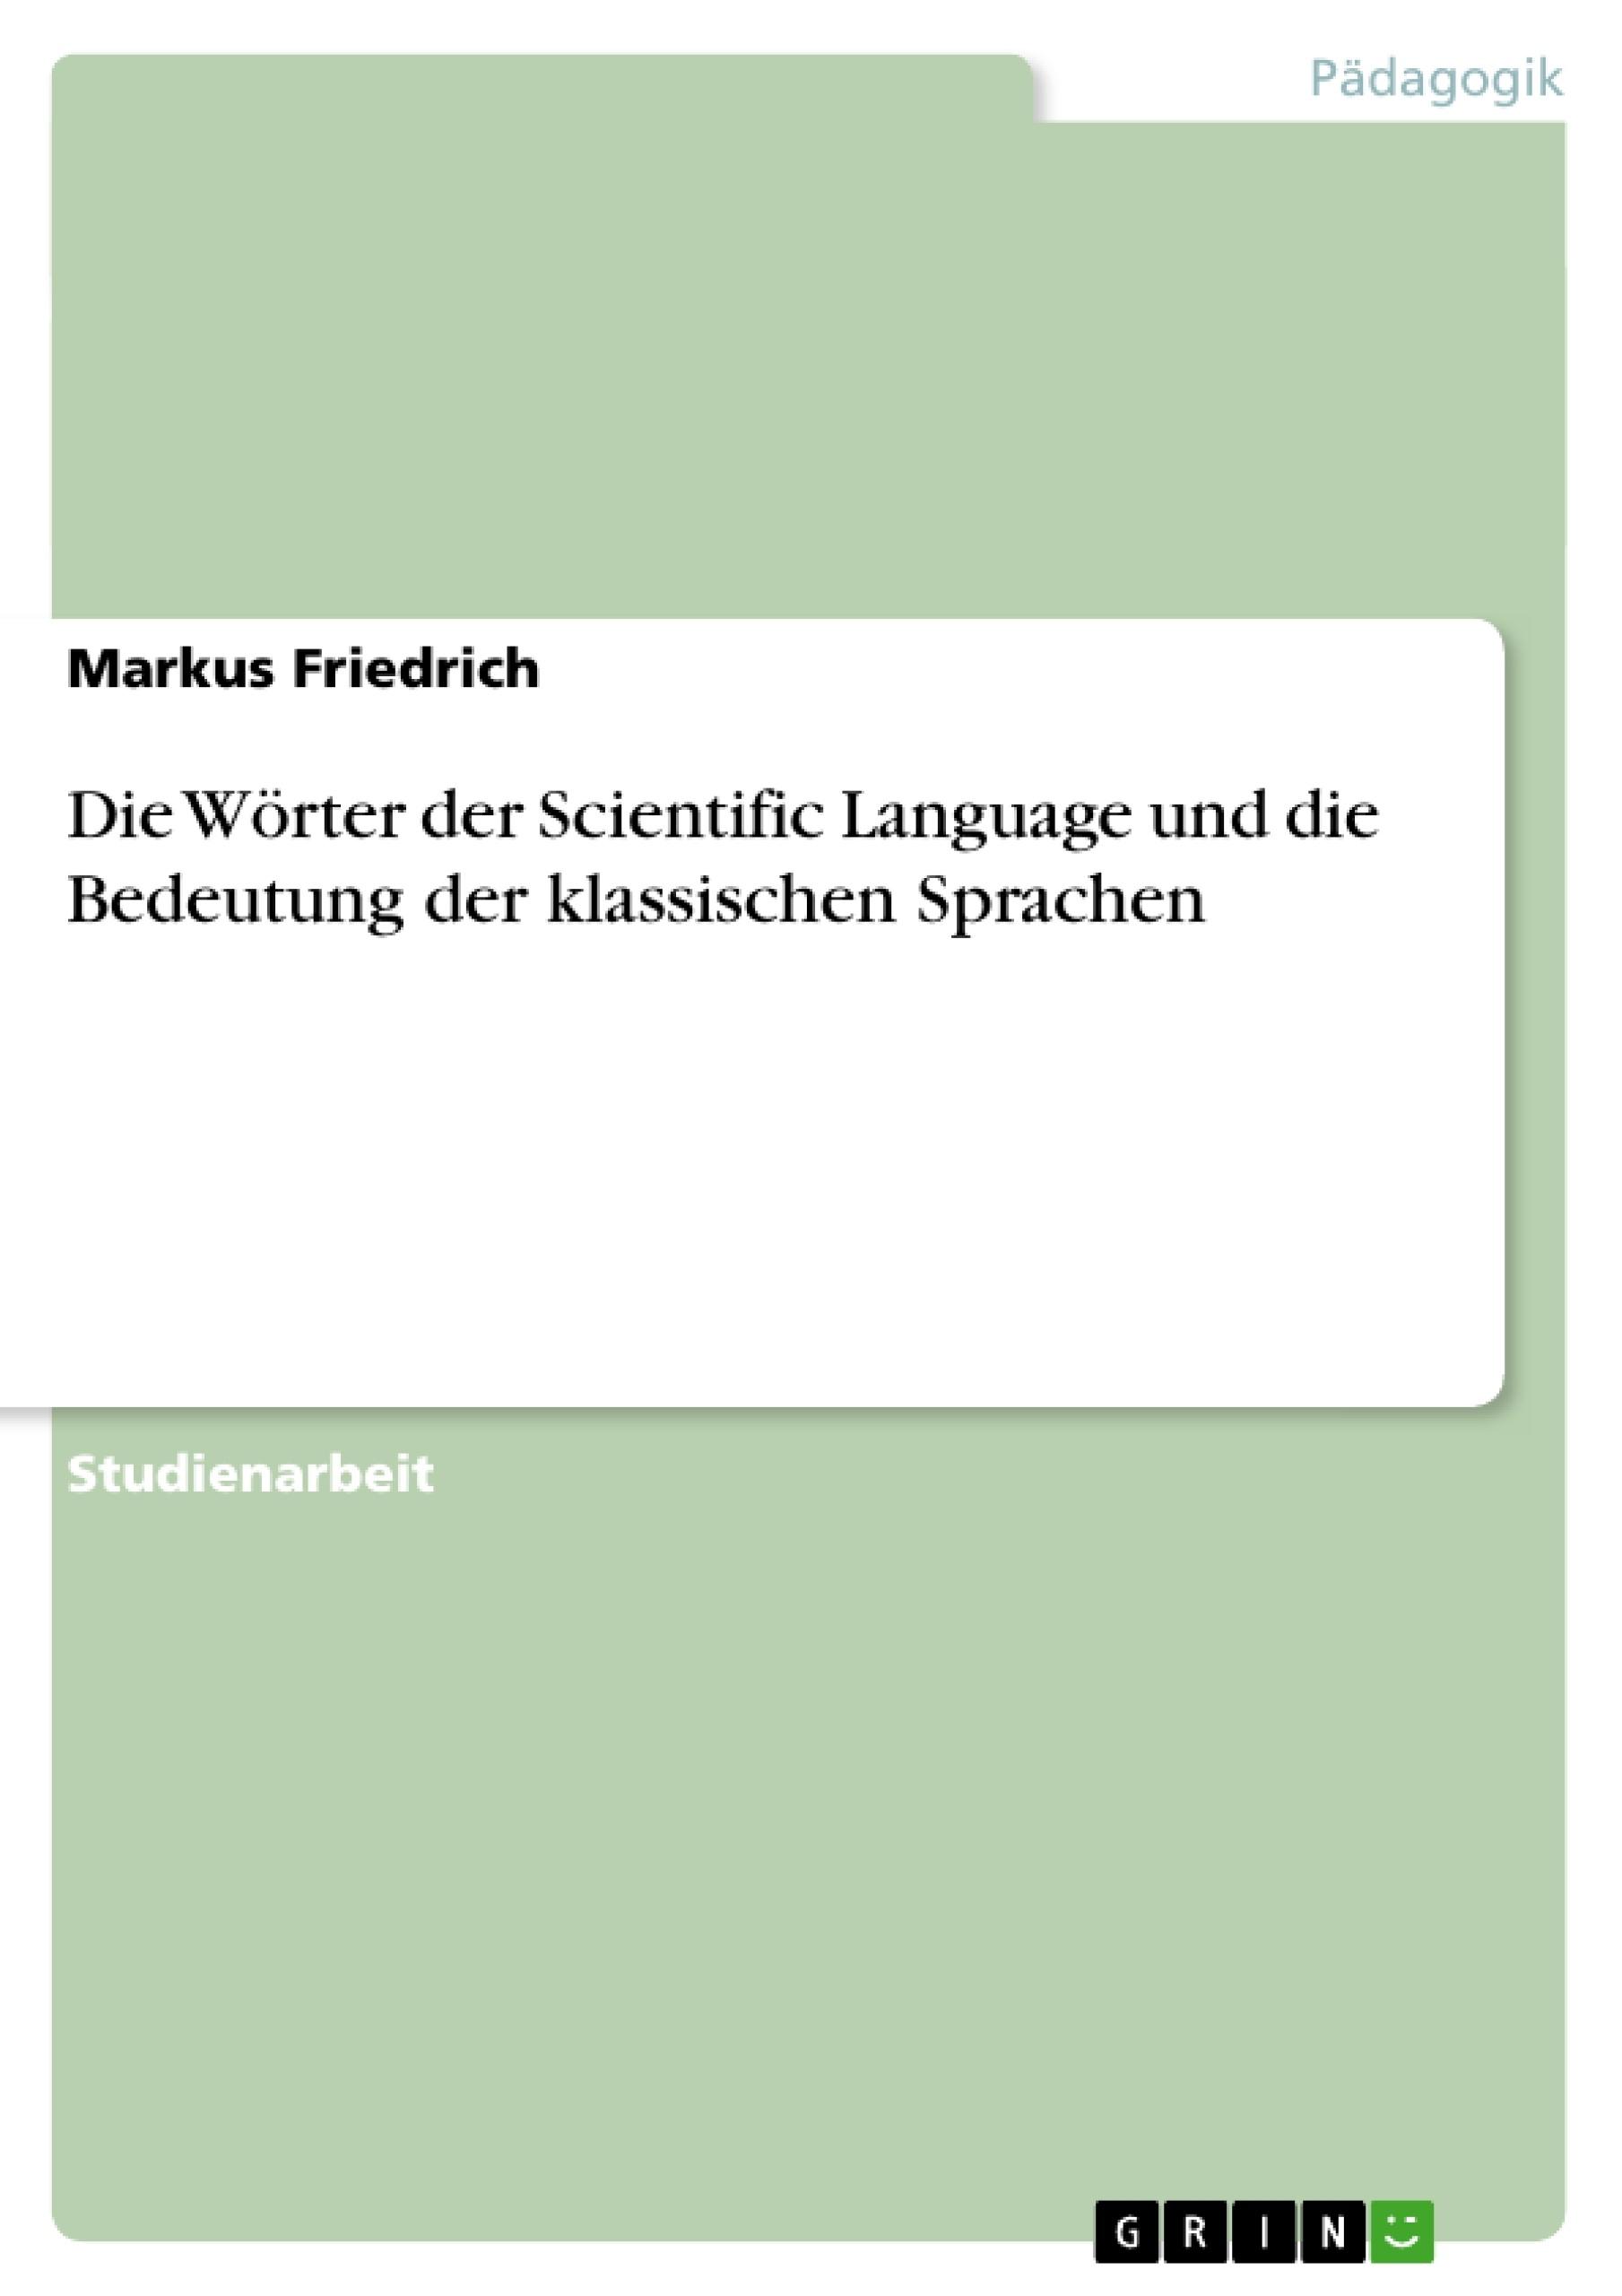 Titel: Die Wörter der Scientific Language und die Bedeutung der klassischen Sprachen